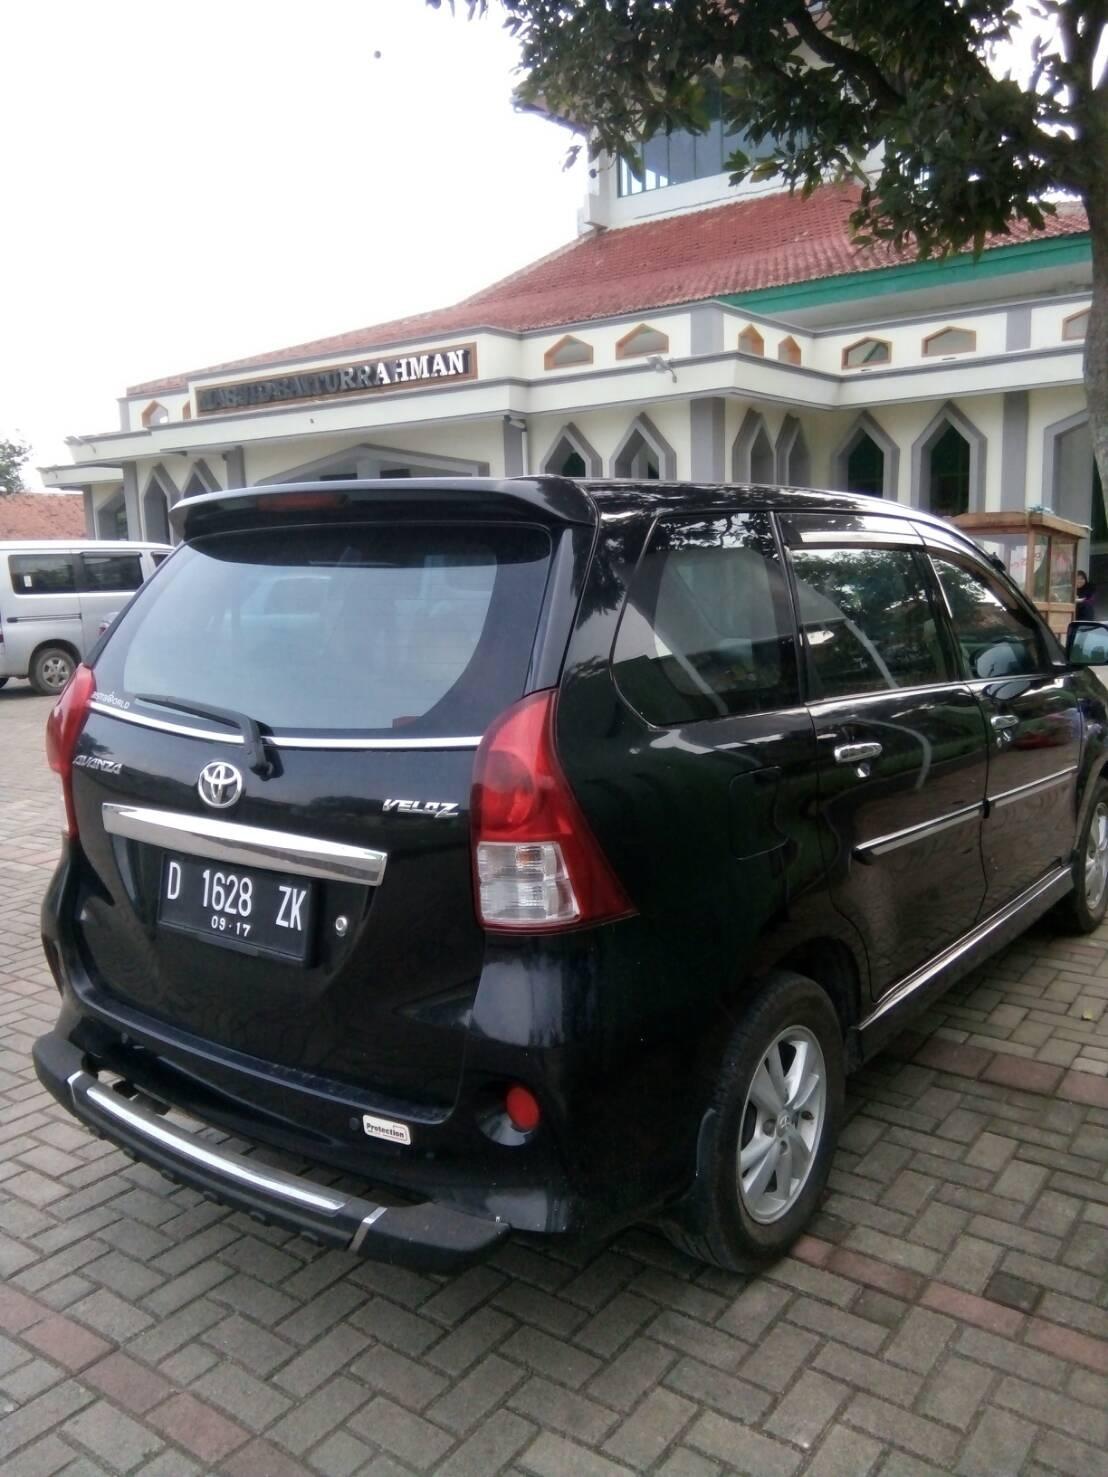 Cara Setting Alarm Grand New Avanza Cover Ban Serep Wts Jual Mobil Veloz 2012 M T Hitam Metalik